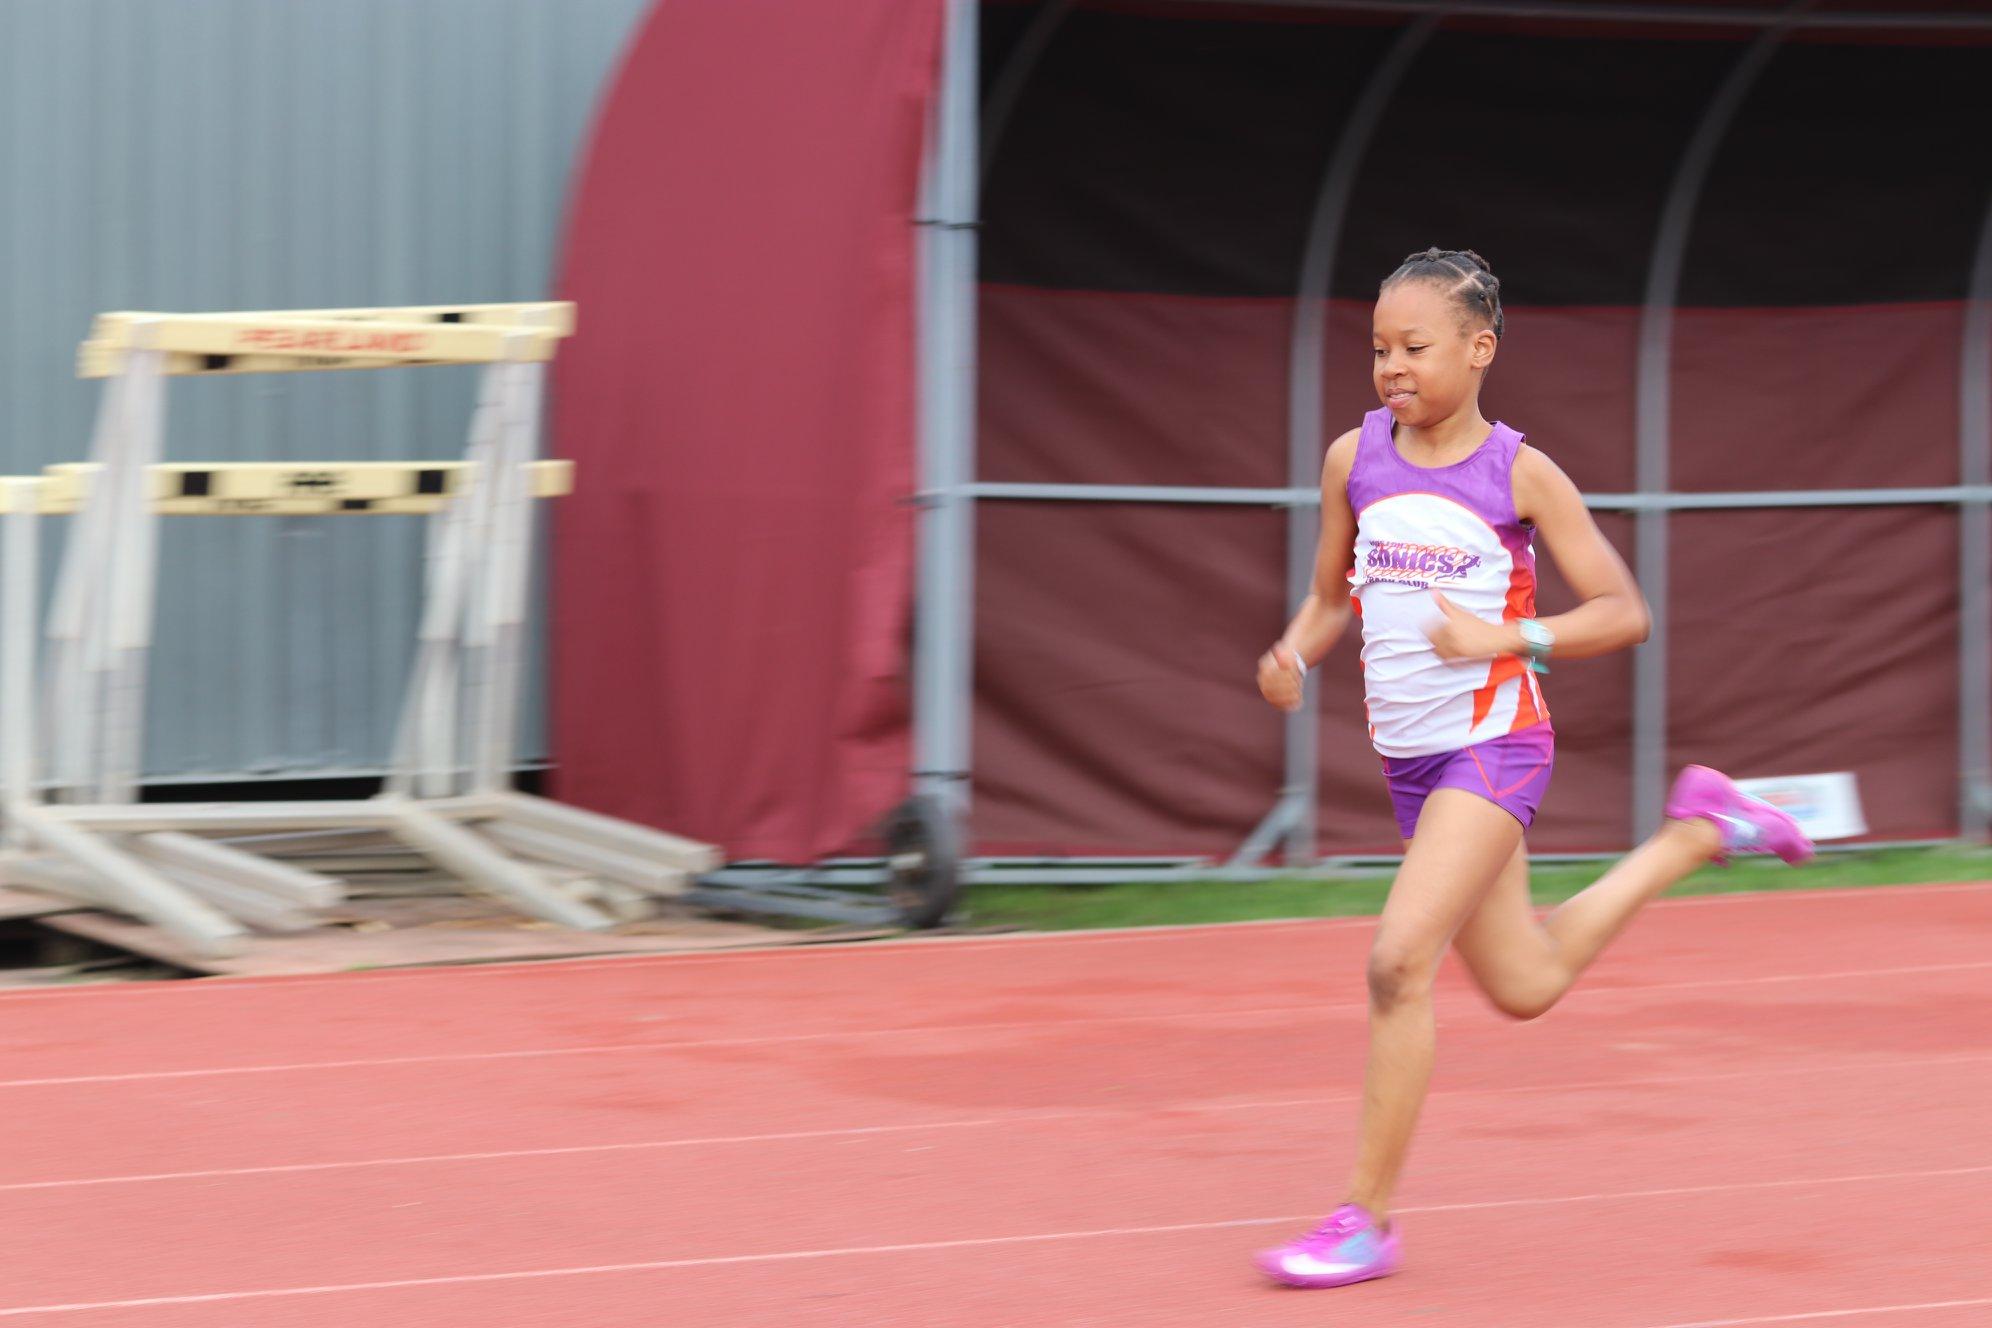 Natalie running the 100